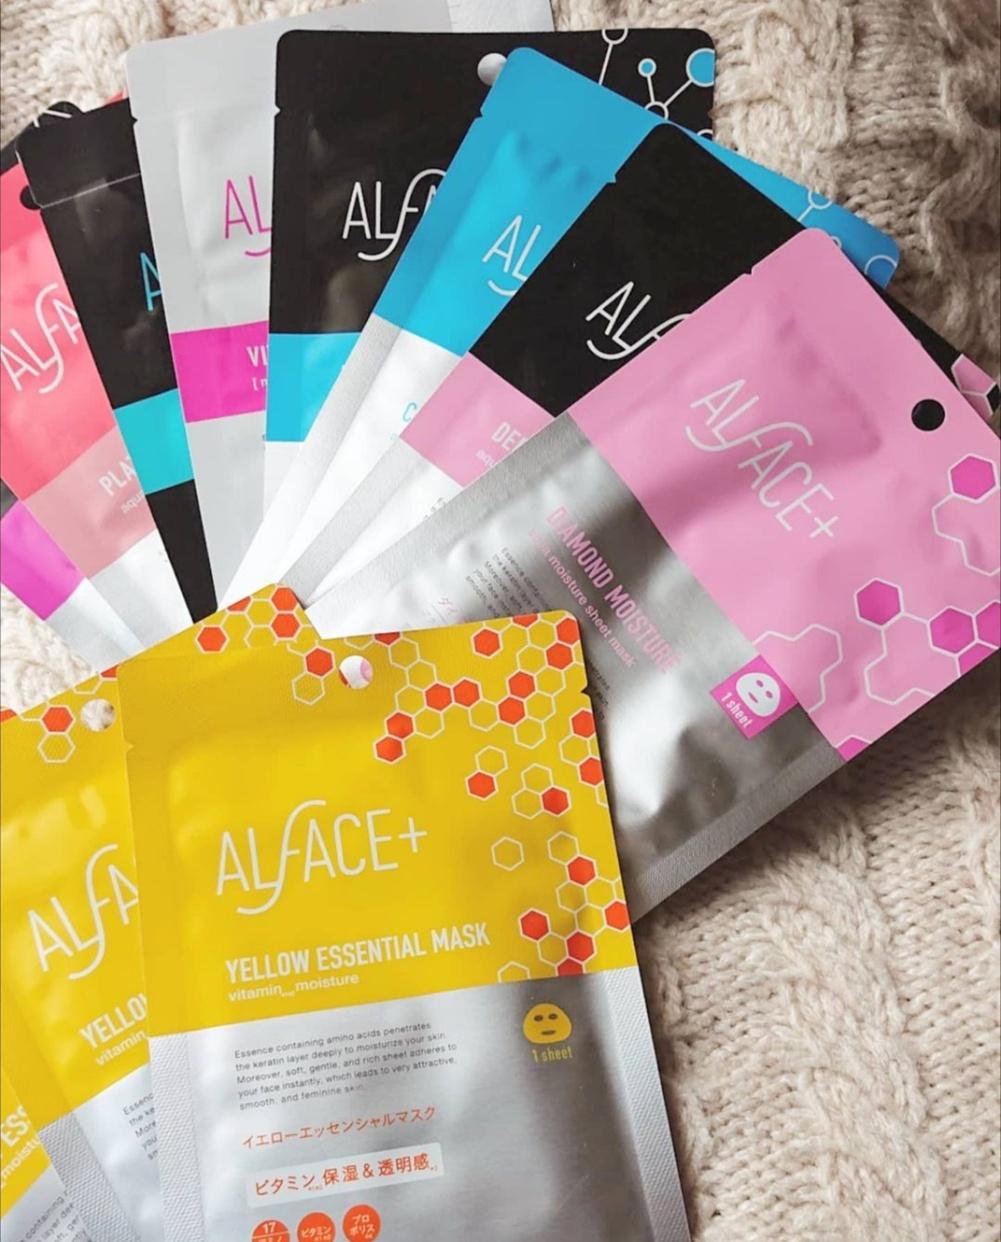 ALFACE+(オルフェス) イエローエッセンシャルマスクを使ったFU-RINさんのクチコミ画像2